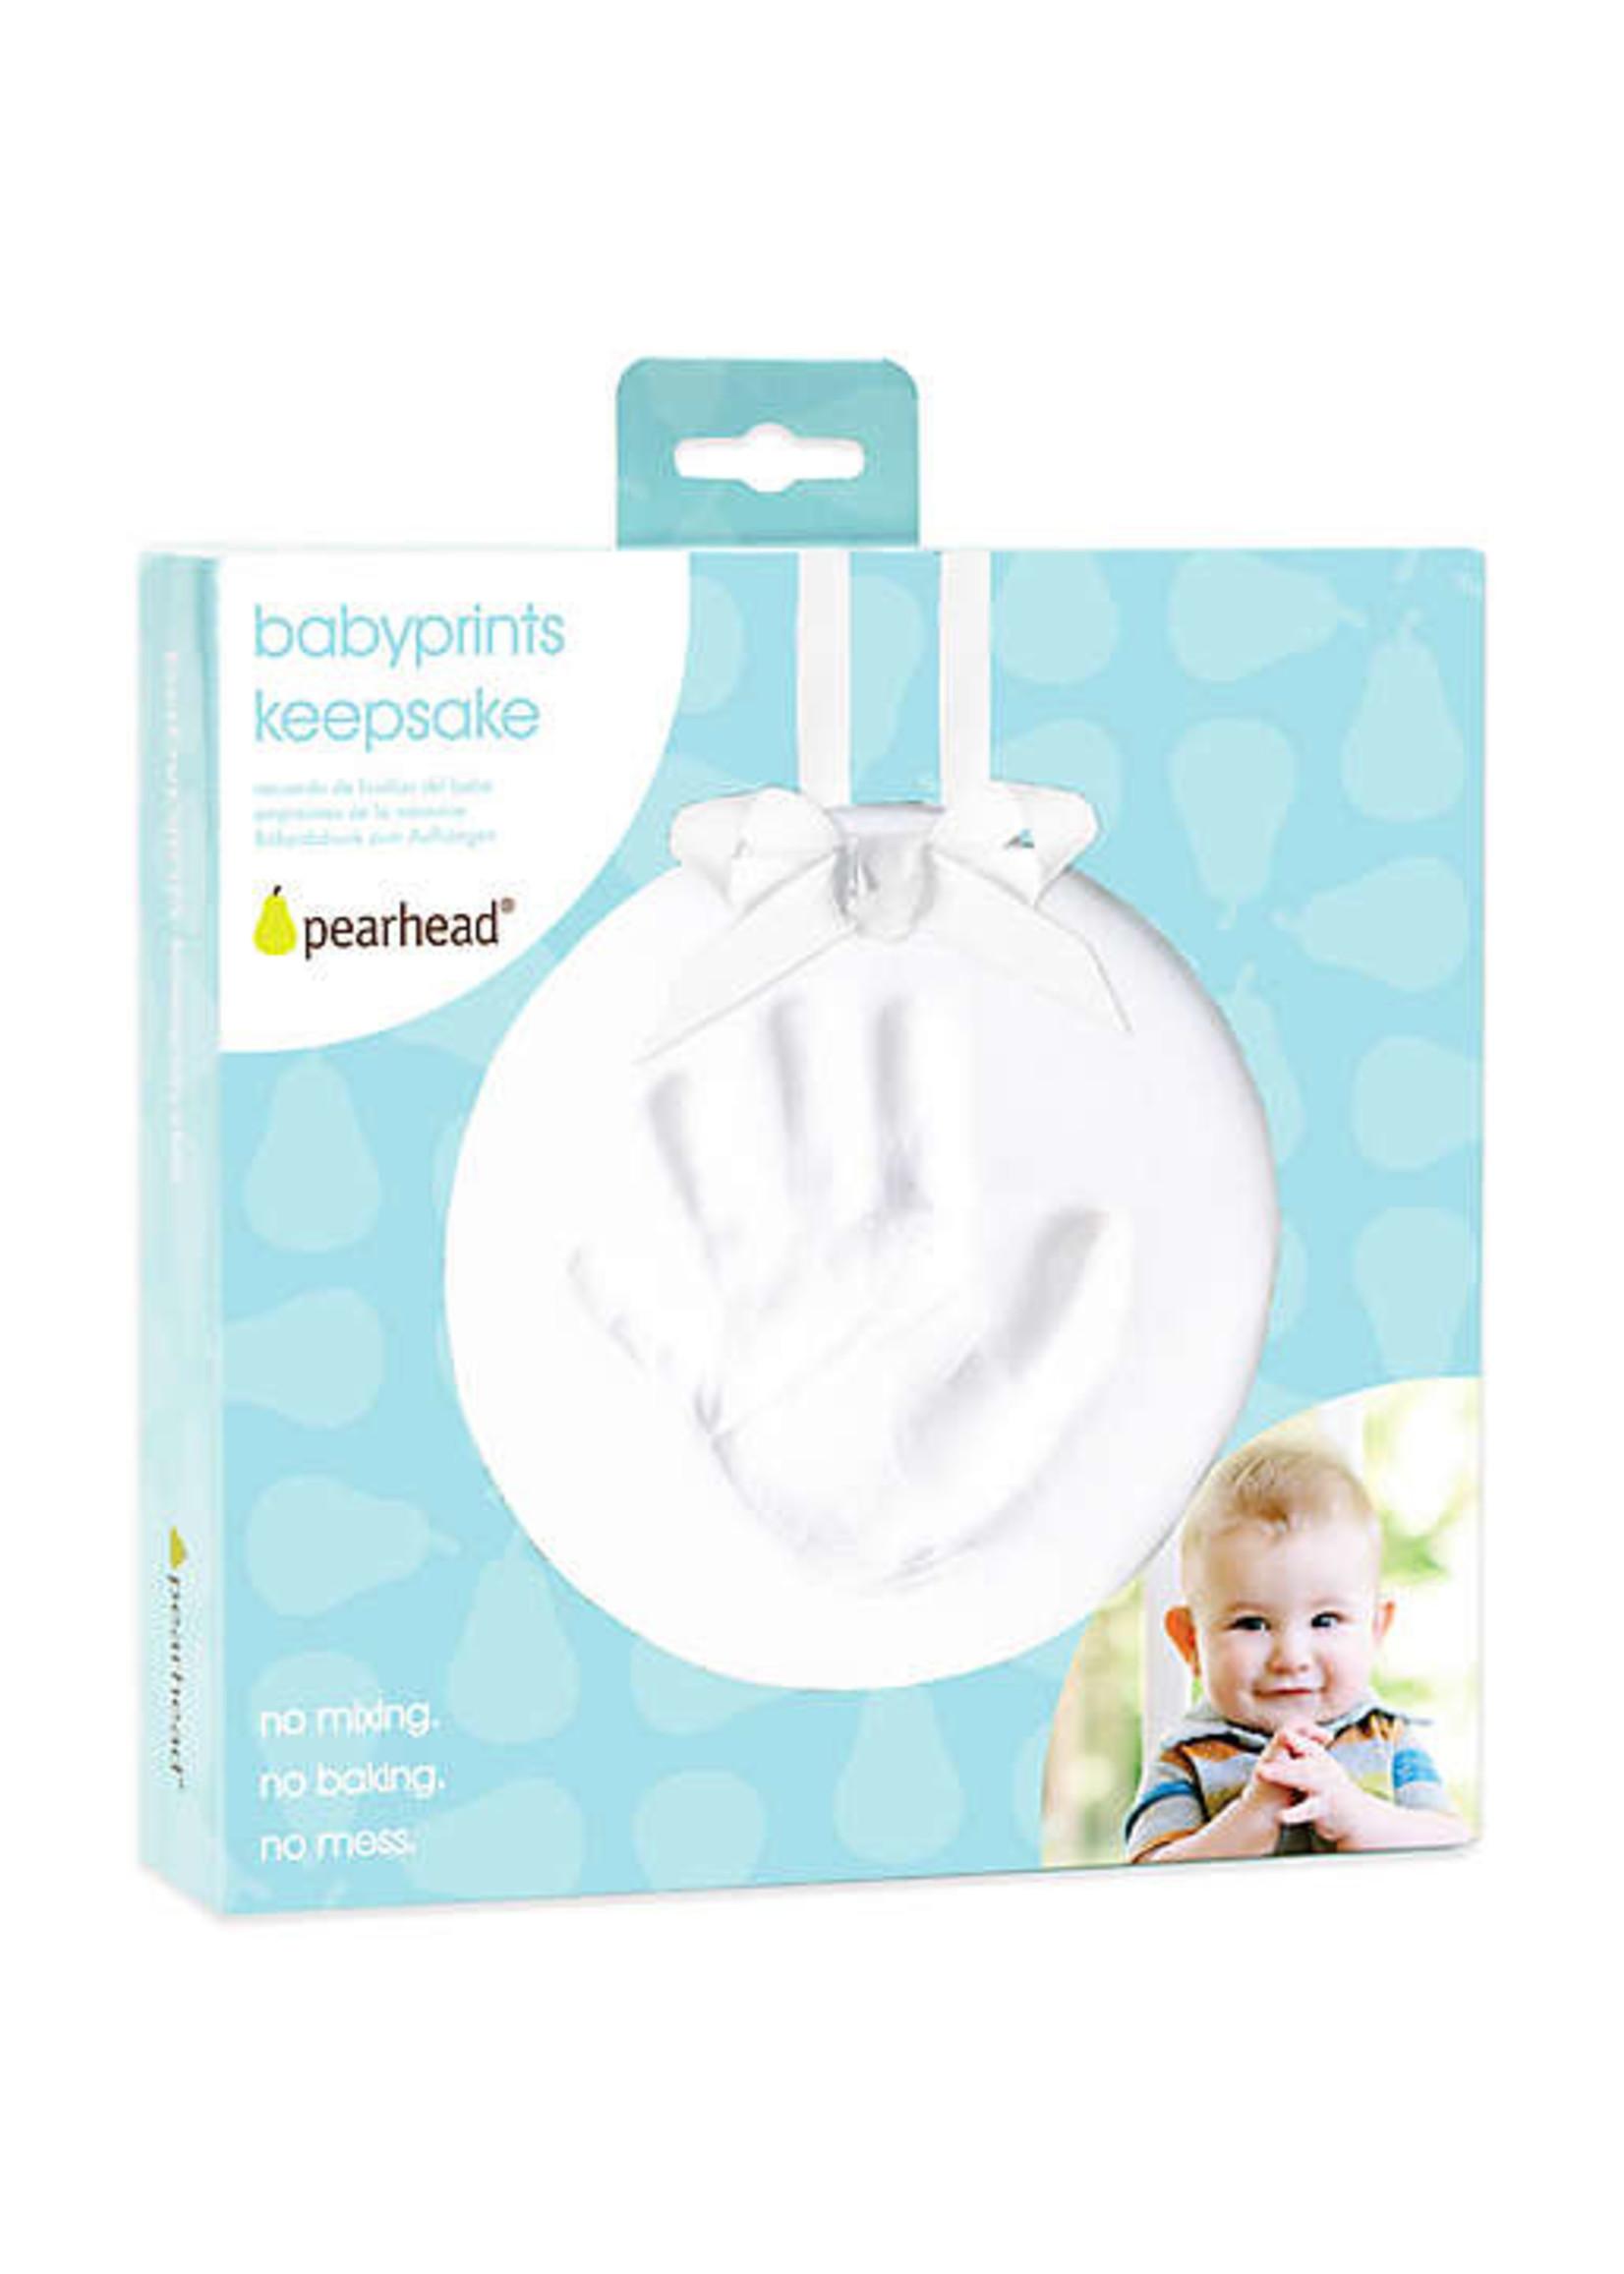 Pearhead Babyprints Keepsake Ornament (White)